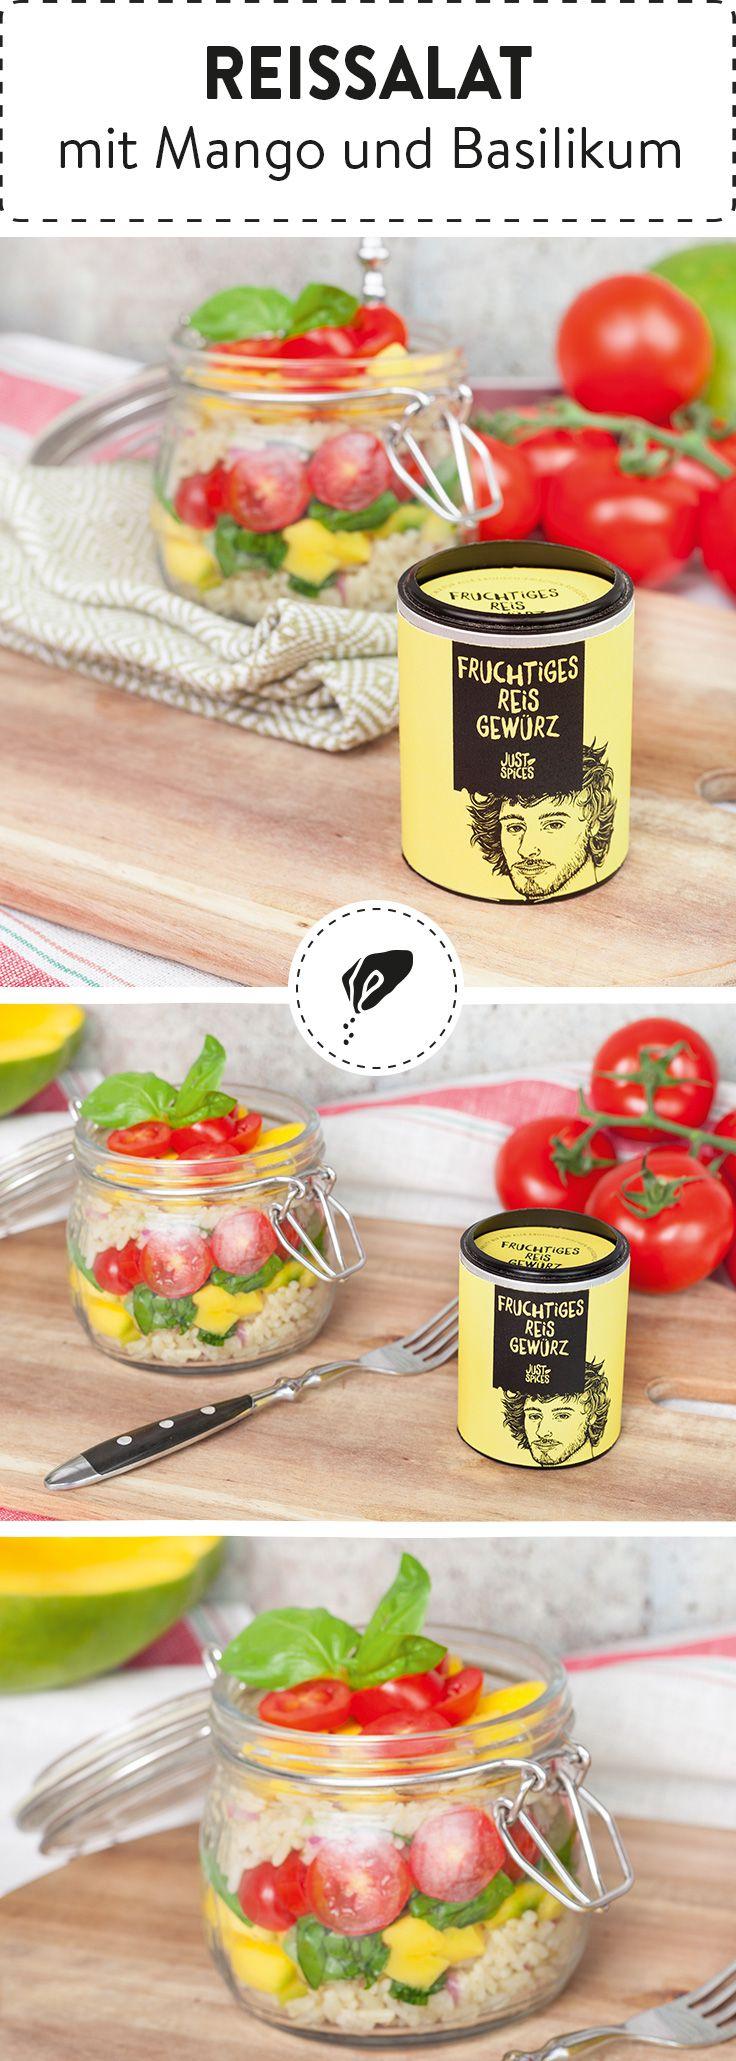 fruchtiger reissalat mit mango und basilikum food pinterest reissalat gesundes. Black Bedroom Furniture Sets. Home Design Ideas